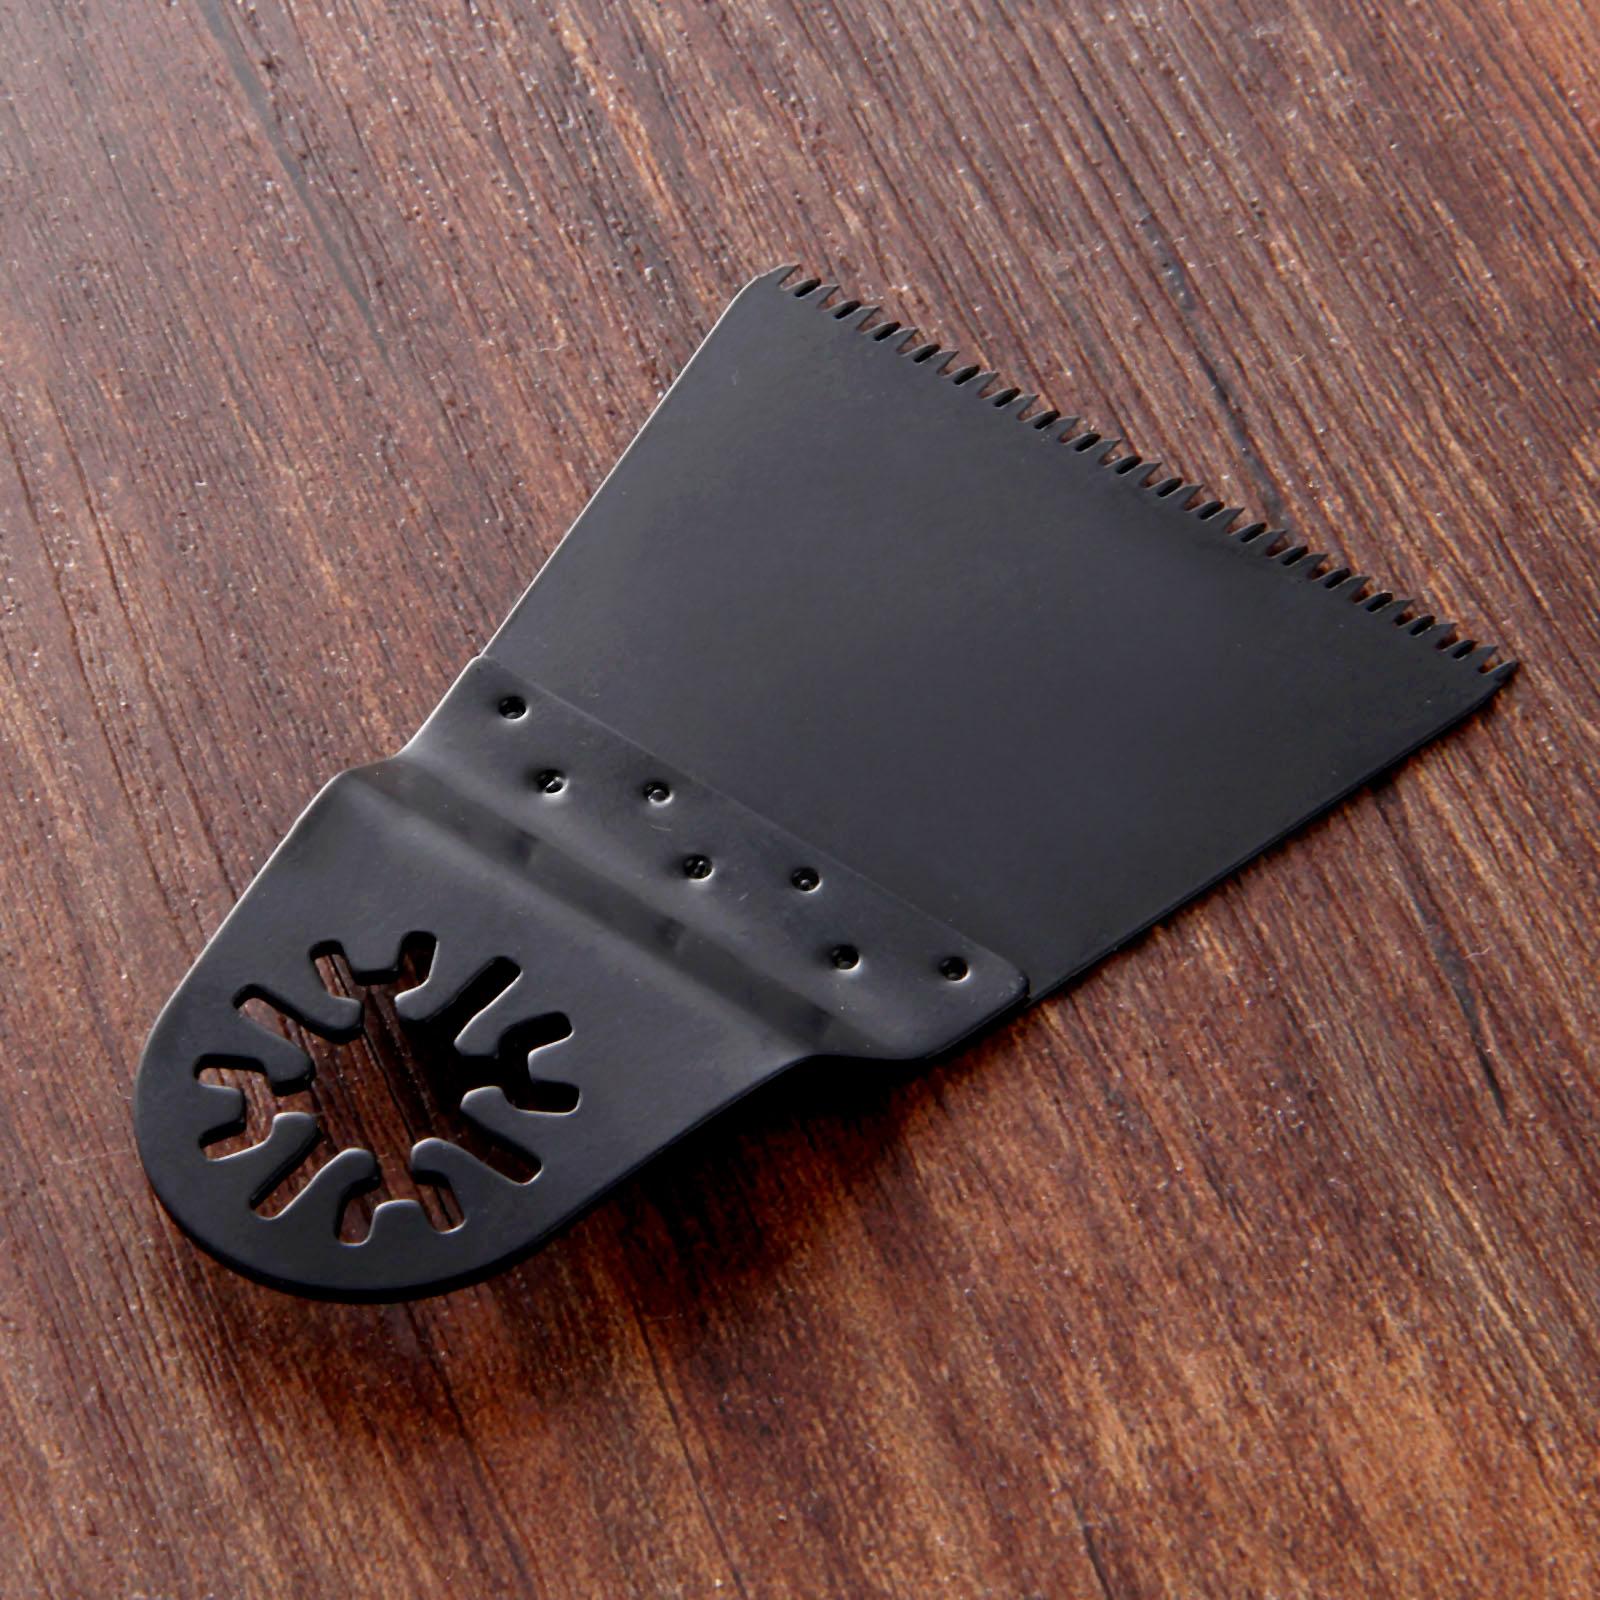 1 vnt. 65 mm svyruojantis įrankis, pjaustomas pjūklo pjovimo - Ašmenys pjūklams - Nuotrauka 4